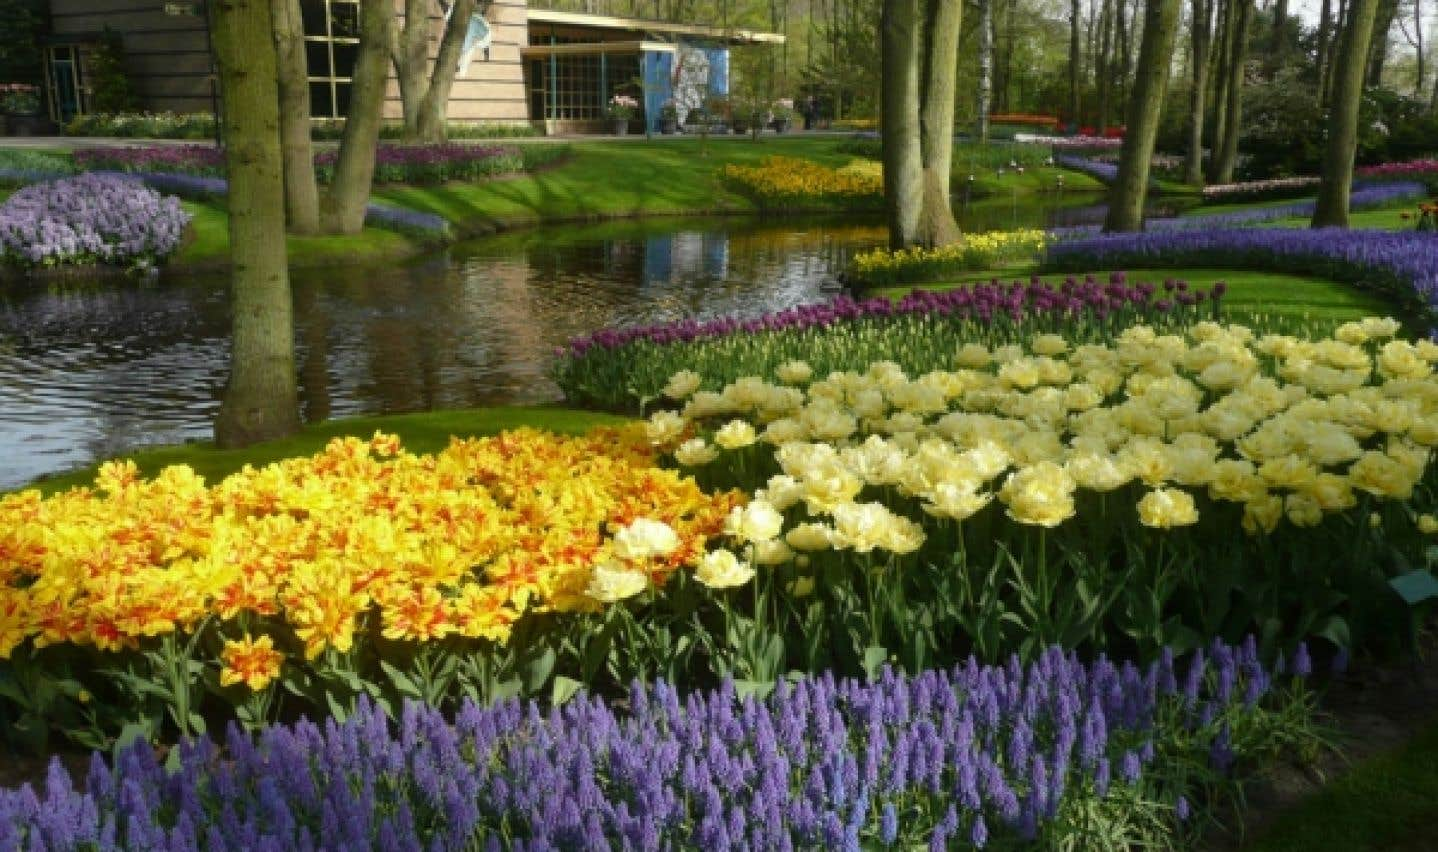 Le jardin néerlandais Keukenhof est entièrement consacré aux bulbes.